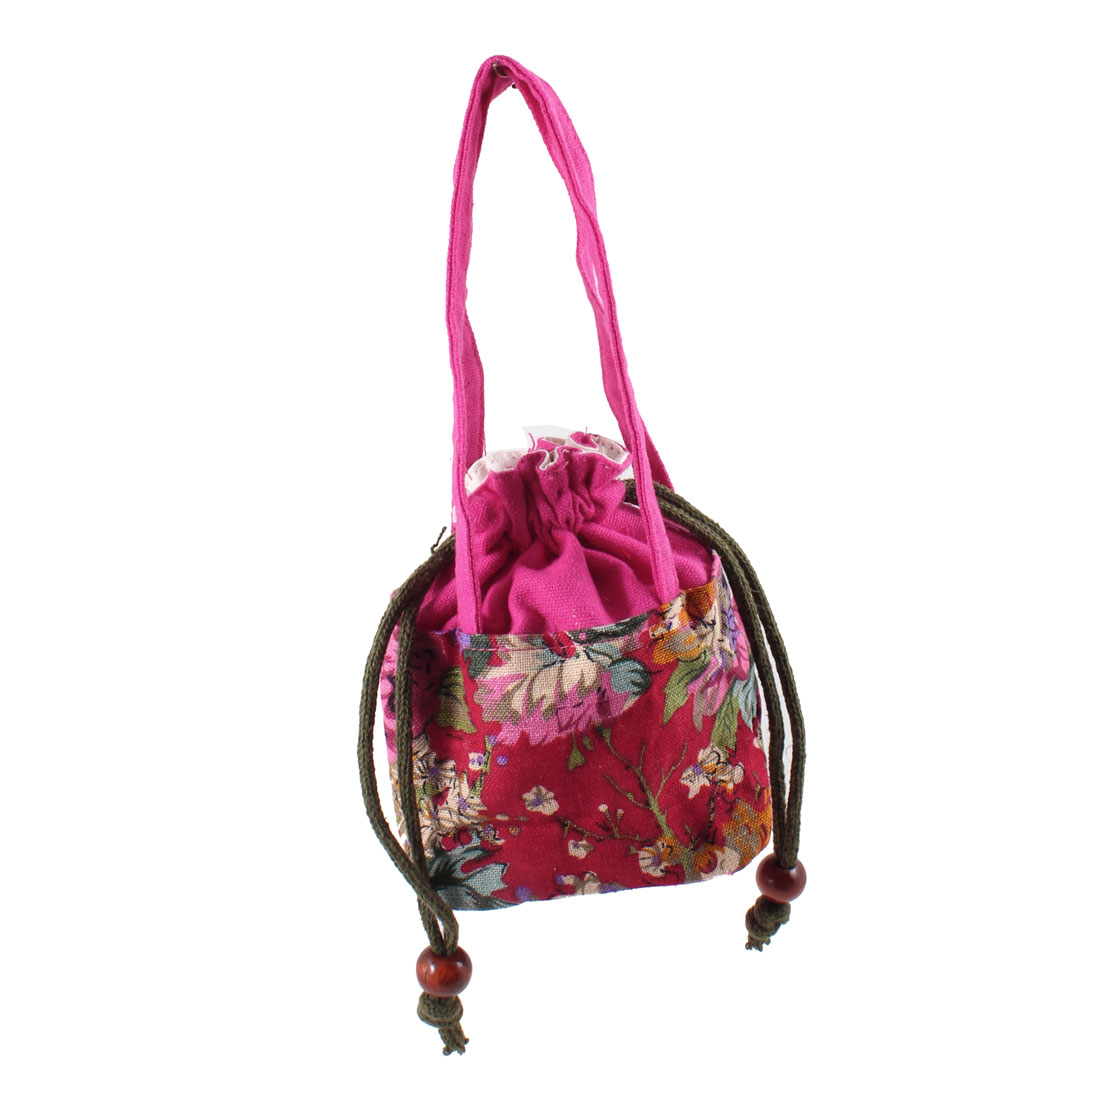 Lady Drawstring Nylon Blue Strap Floral Print Handbag Tote Bag Fuchsia